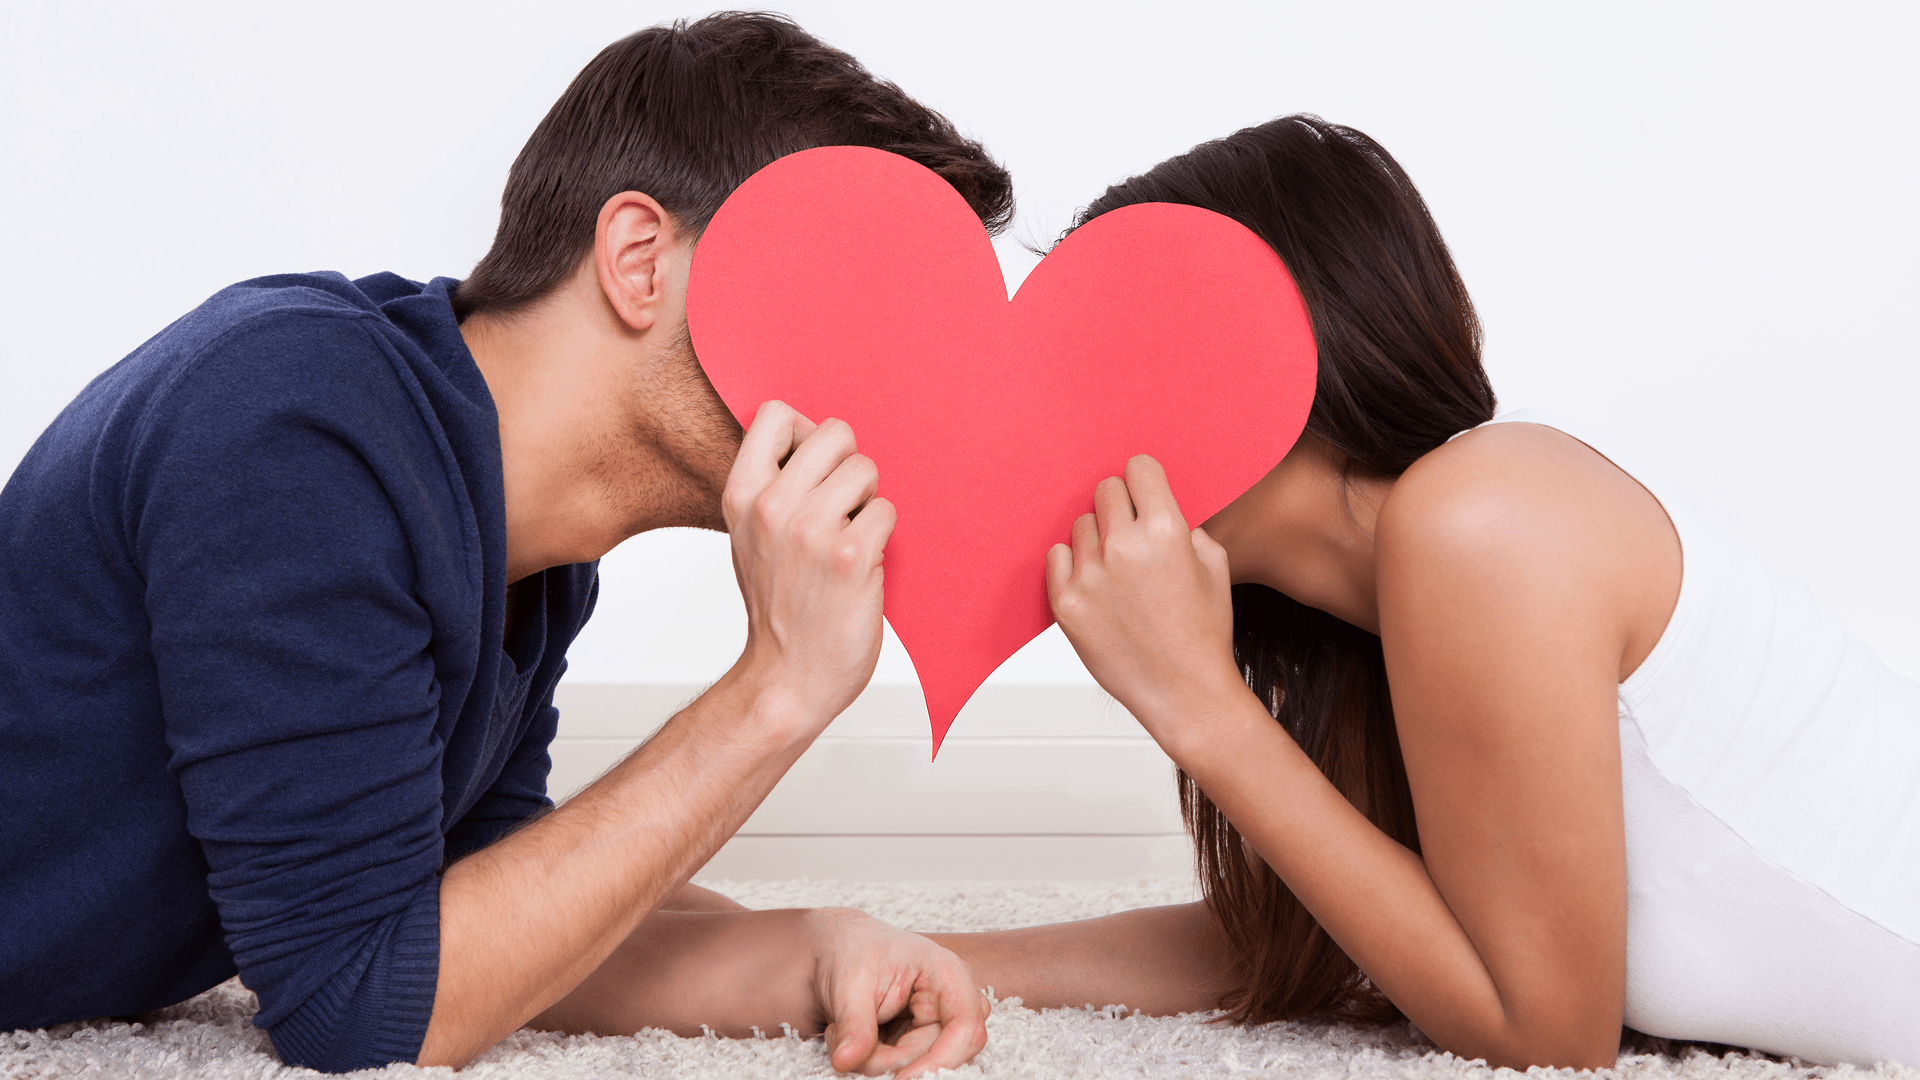 Các biện pháp tình dục an toàn để không thai, không lây bệnh